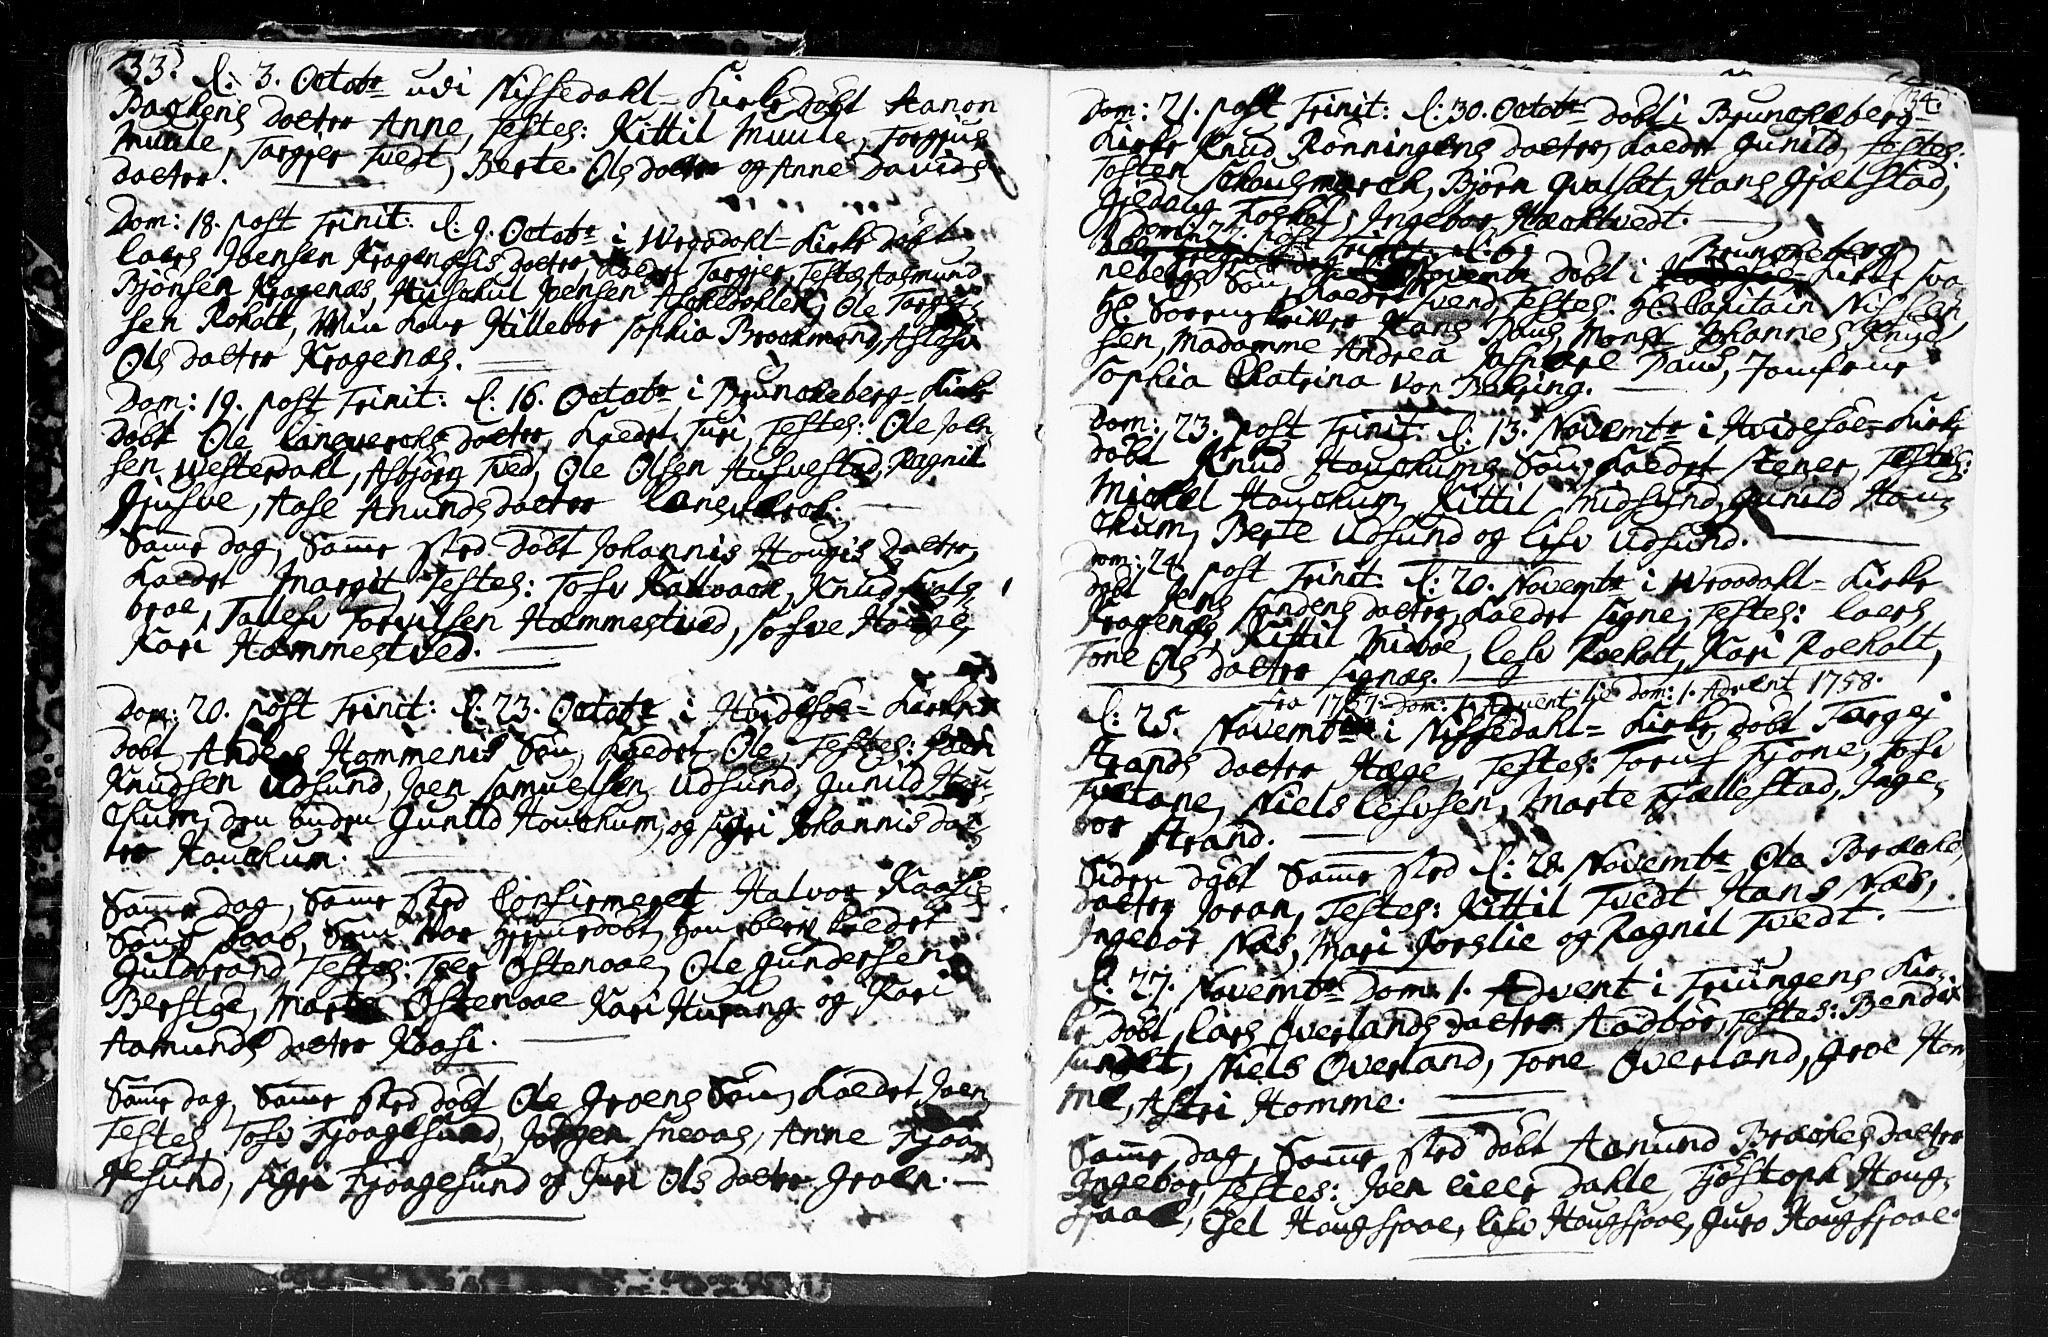 SAKO, Kviteseid kirkebøker, F/Fa/L0001: Ministerialbok nr. I 1, 1754-1773, s. 33-34